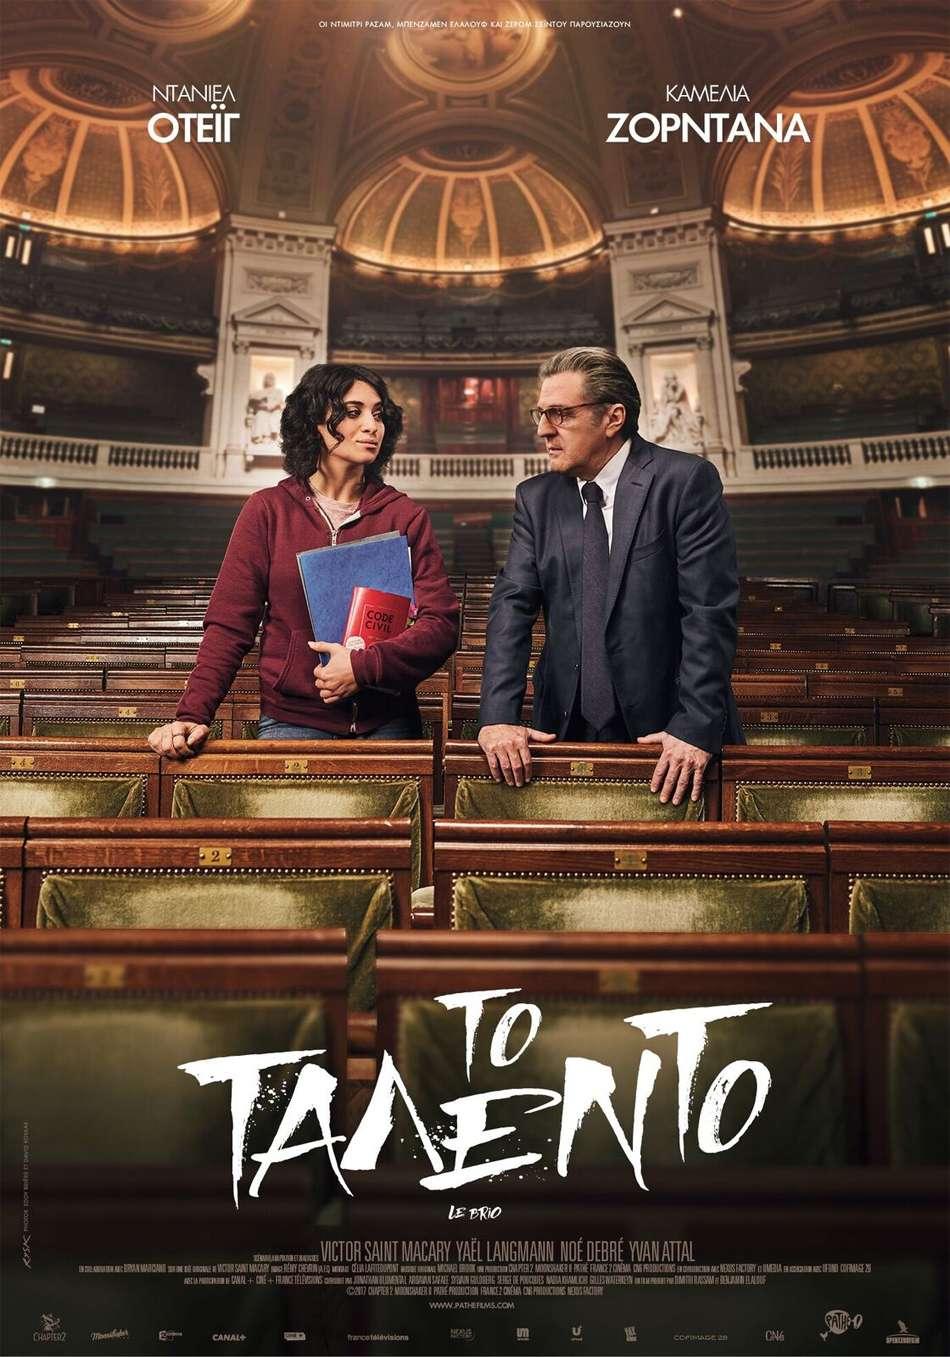 Το Ταλέντο (Le Brio) Poster